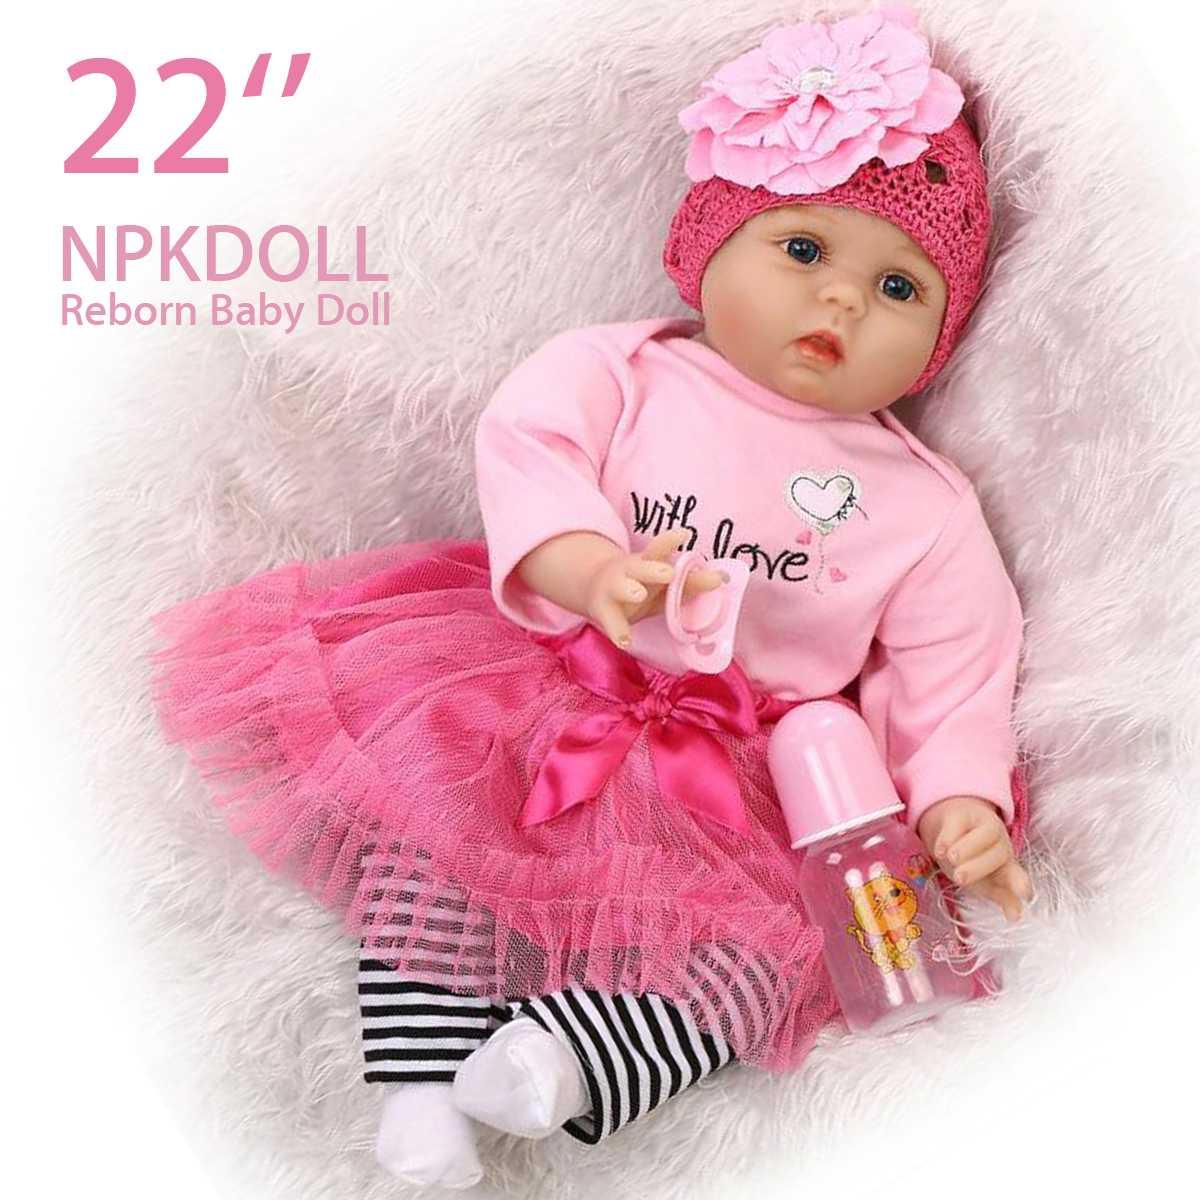 Bebes Reborn poupée 55 cm Silicone souple Reborn bébé poupées jouets faits à la main cadeaux de noël pour fille enfants cadeau d'anniversaire poupée Surprice